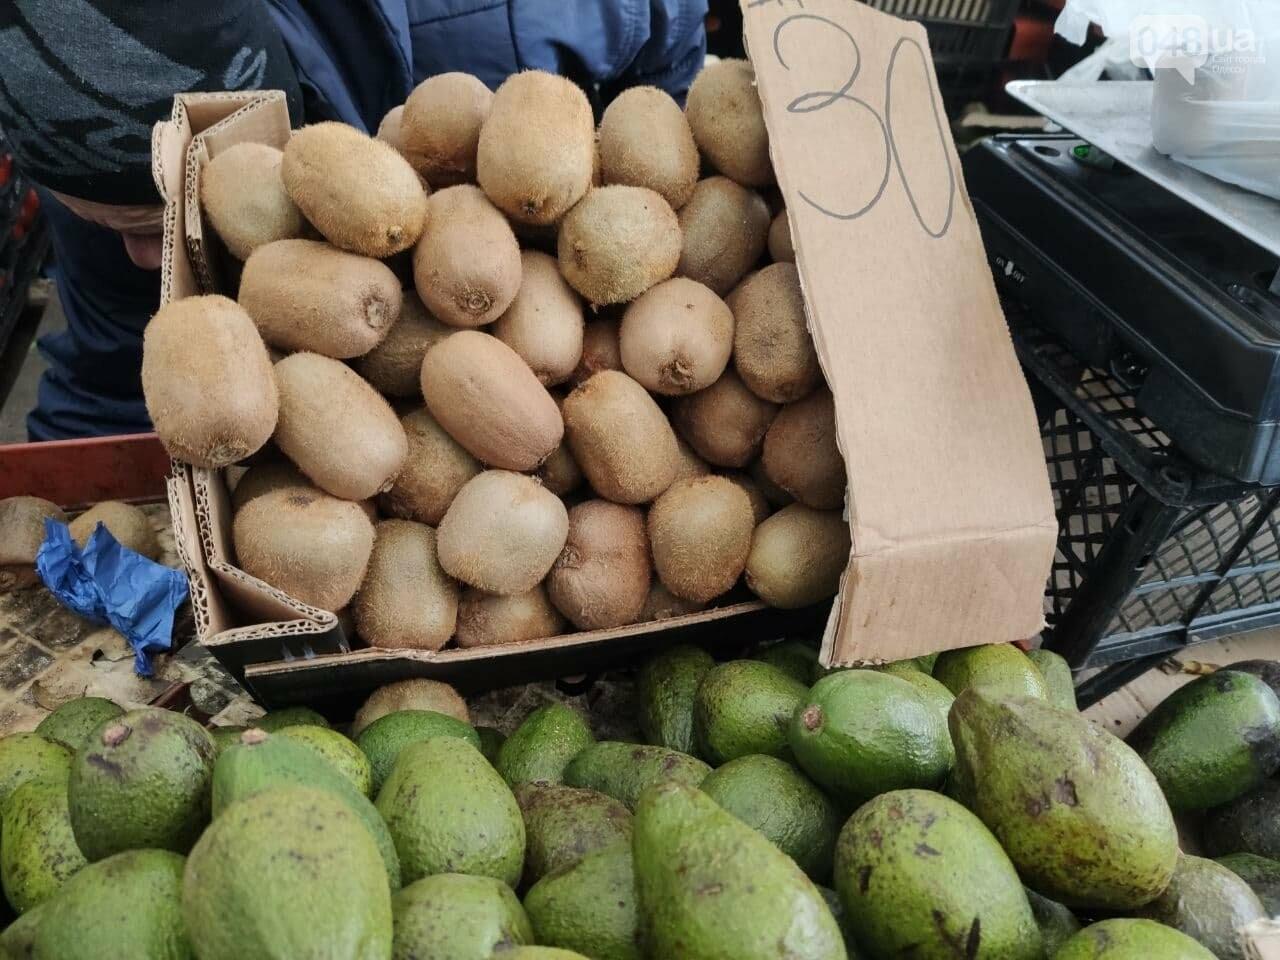 Гранат, лимоны, синенькие: почем на одесском Привозе фрукты и овощи, - ФОТО, фото-4